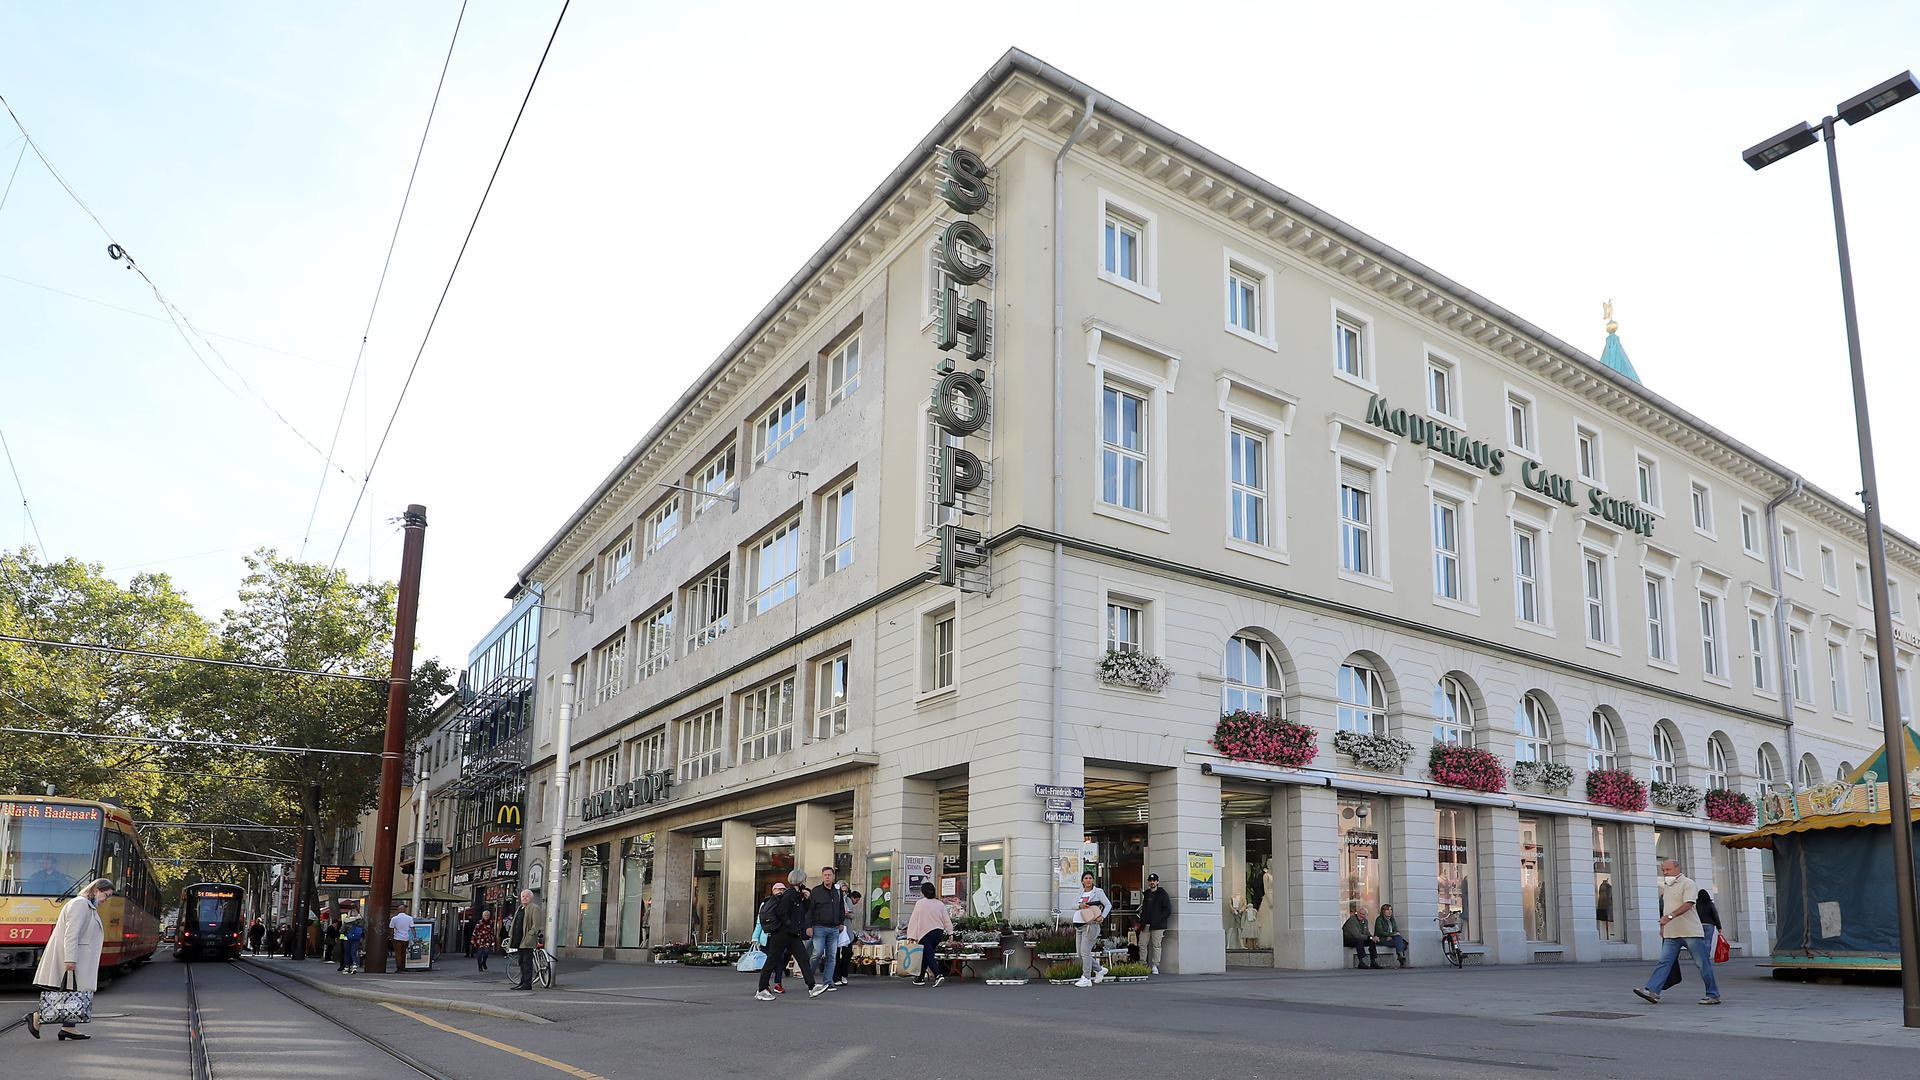 Handel und Wandel: Das Modehaus Schöpf am Marktplatz rückt nach dem Tod seiner Inhaberin in den Fokus von Fragen der künftigen Innenstadt-Entwicklung.